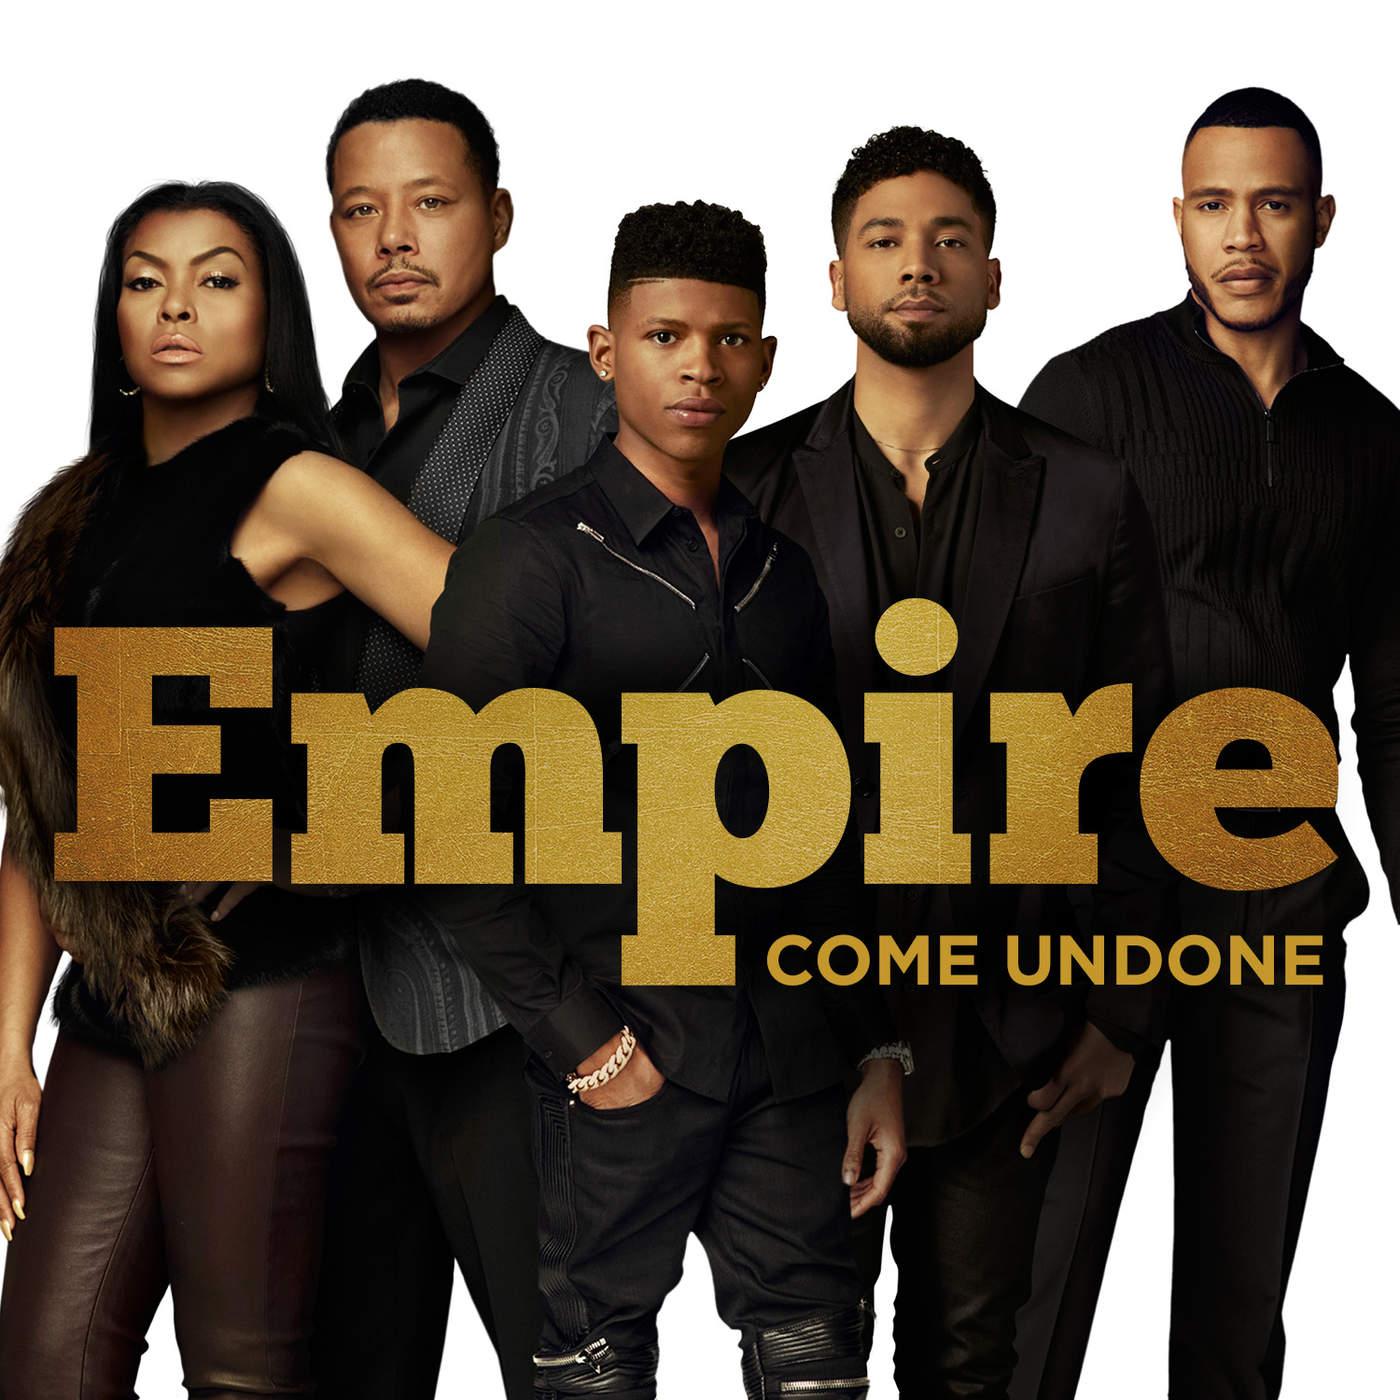 Empire Cast - Come Undone (feat. Jussie Smollett) - Single Cover